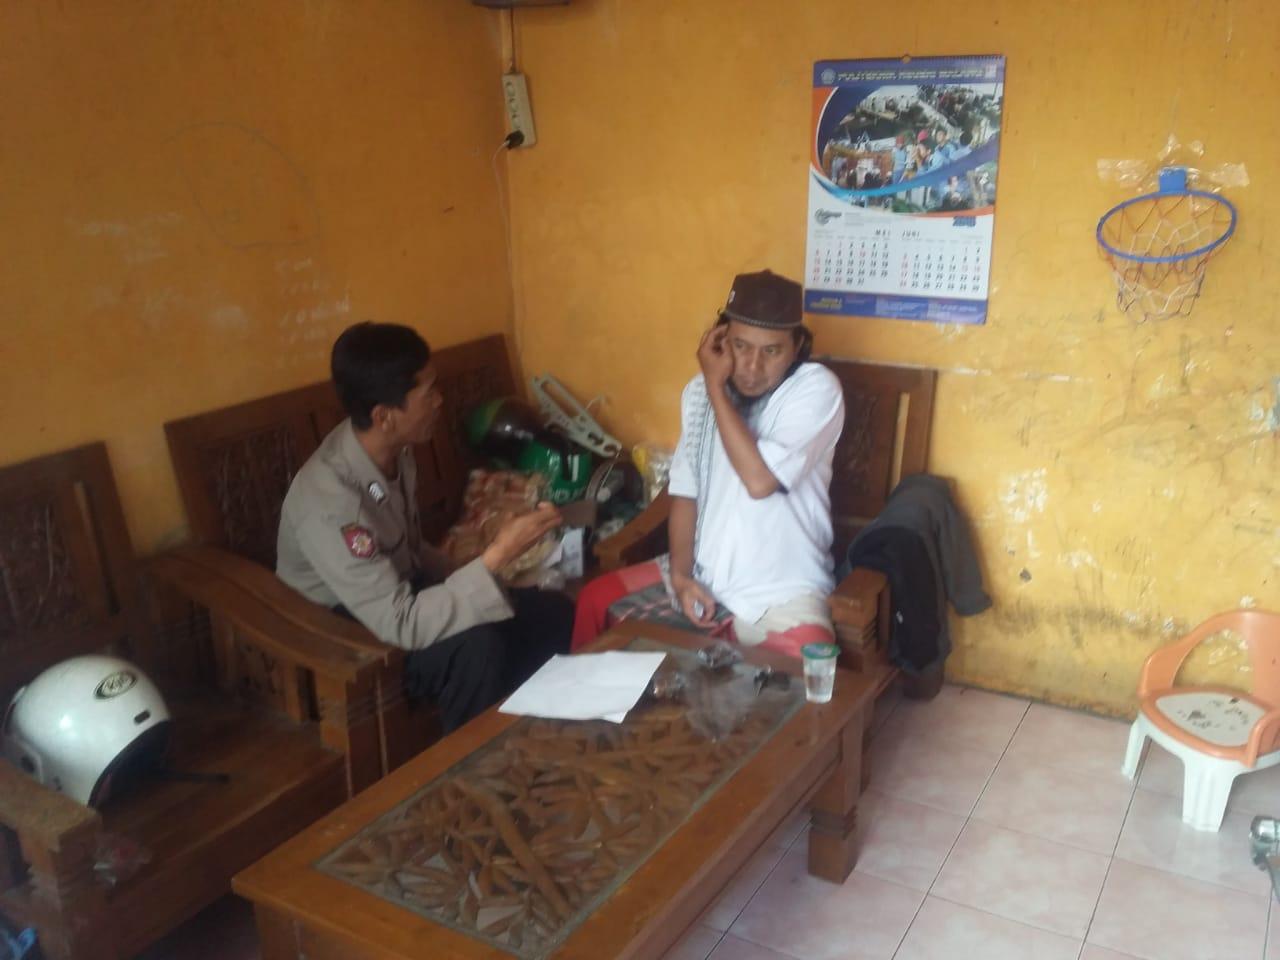 Bhabinkamtibmas Dadaprejo Polsek Junrejo Polres Batu melaksanakan sambang pada tokoh masyarakat